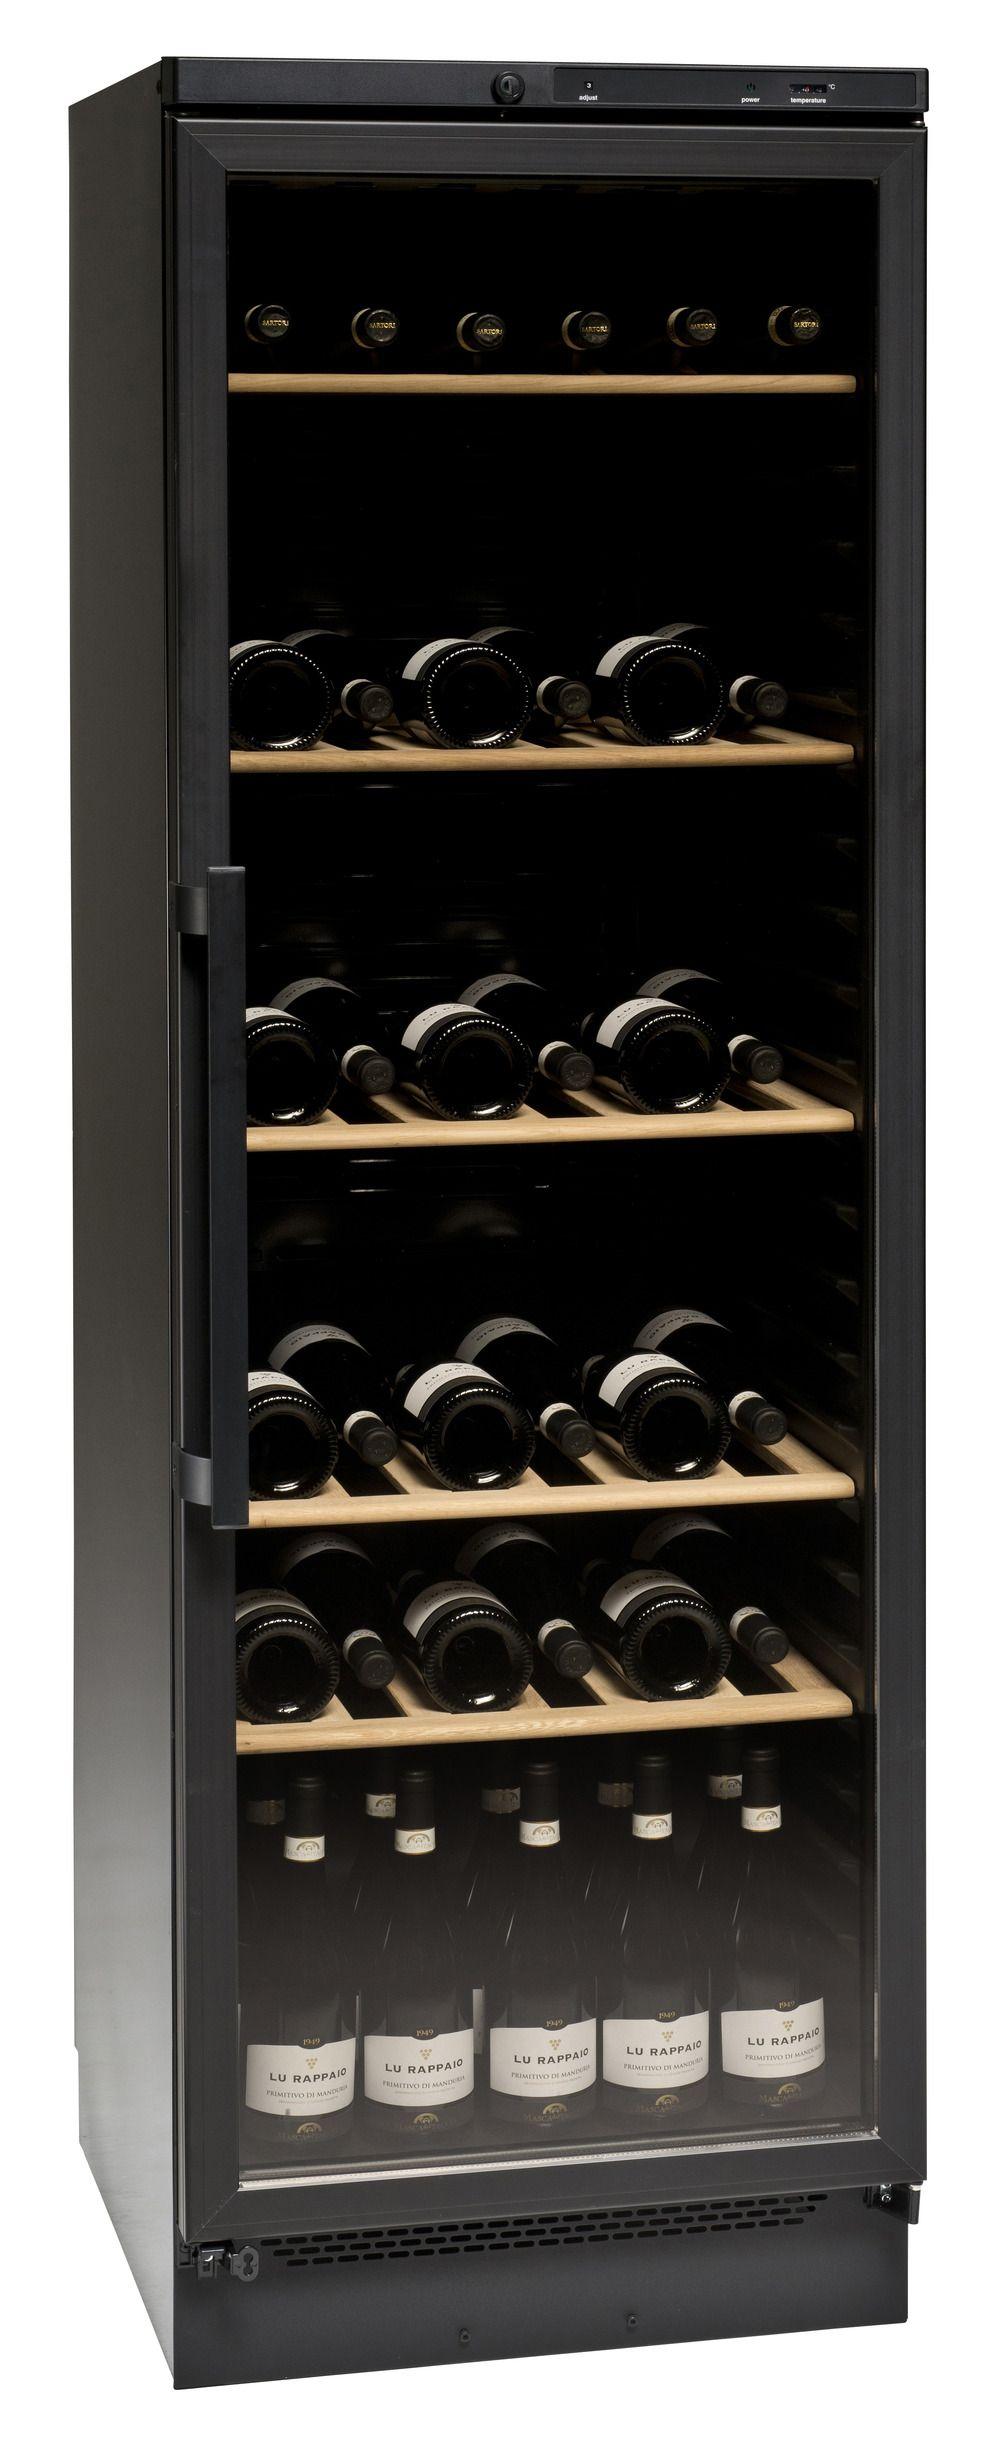 Køb Vestfrost vinkøleskab VKG571 hos WhiteAway | Vin og mad | Pinterest